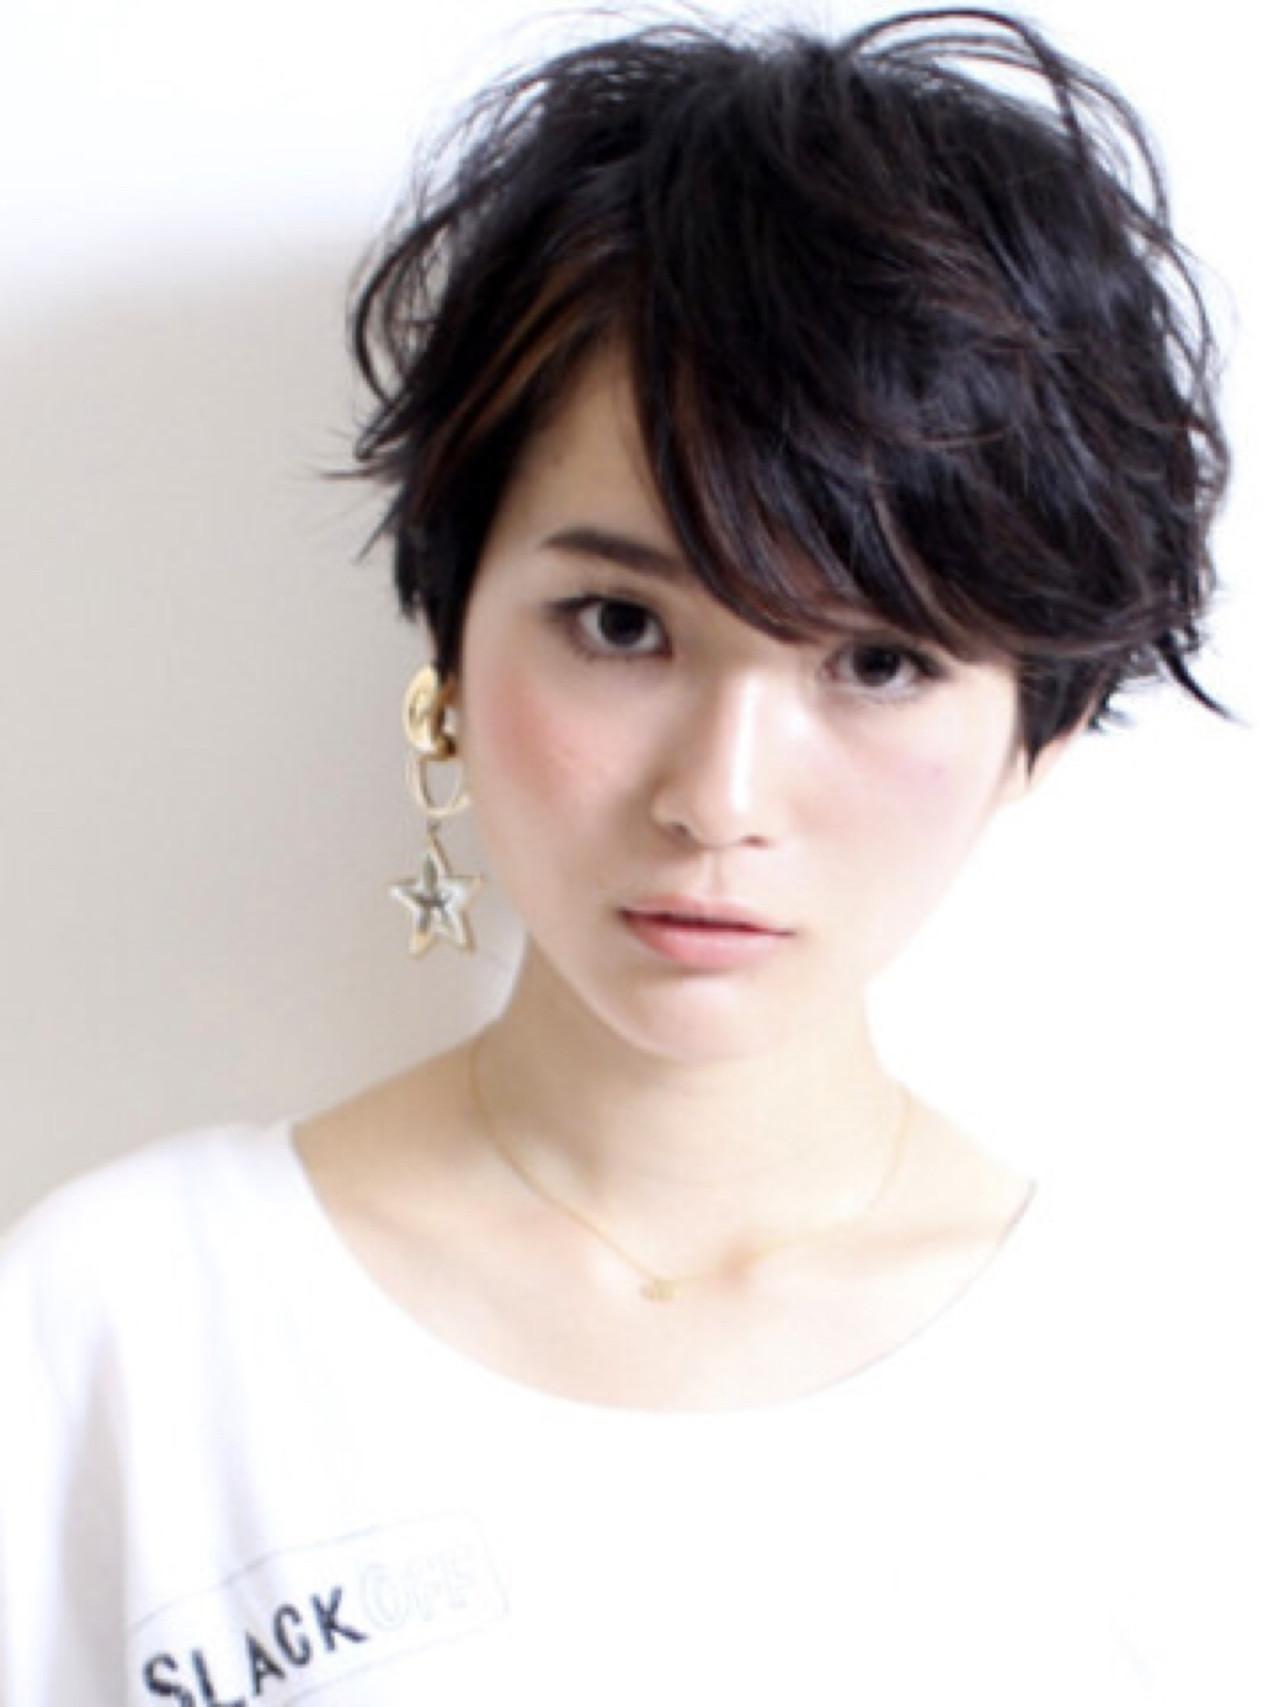 知らなかった?実はオンナ度が高い、魅惑の黒髪ベリーショート♡ 森本 浩嗣